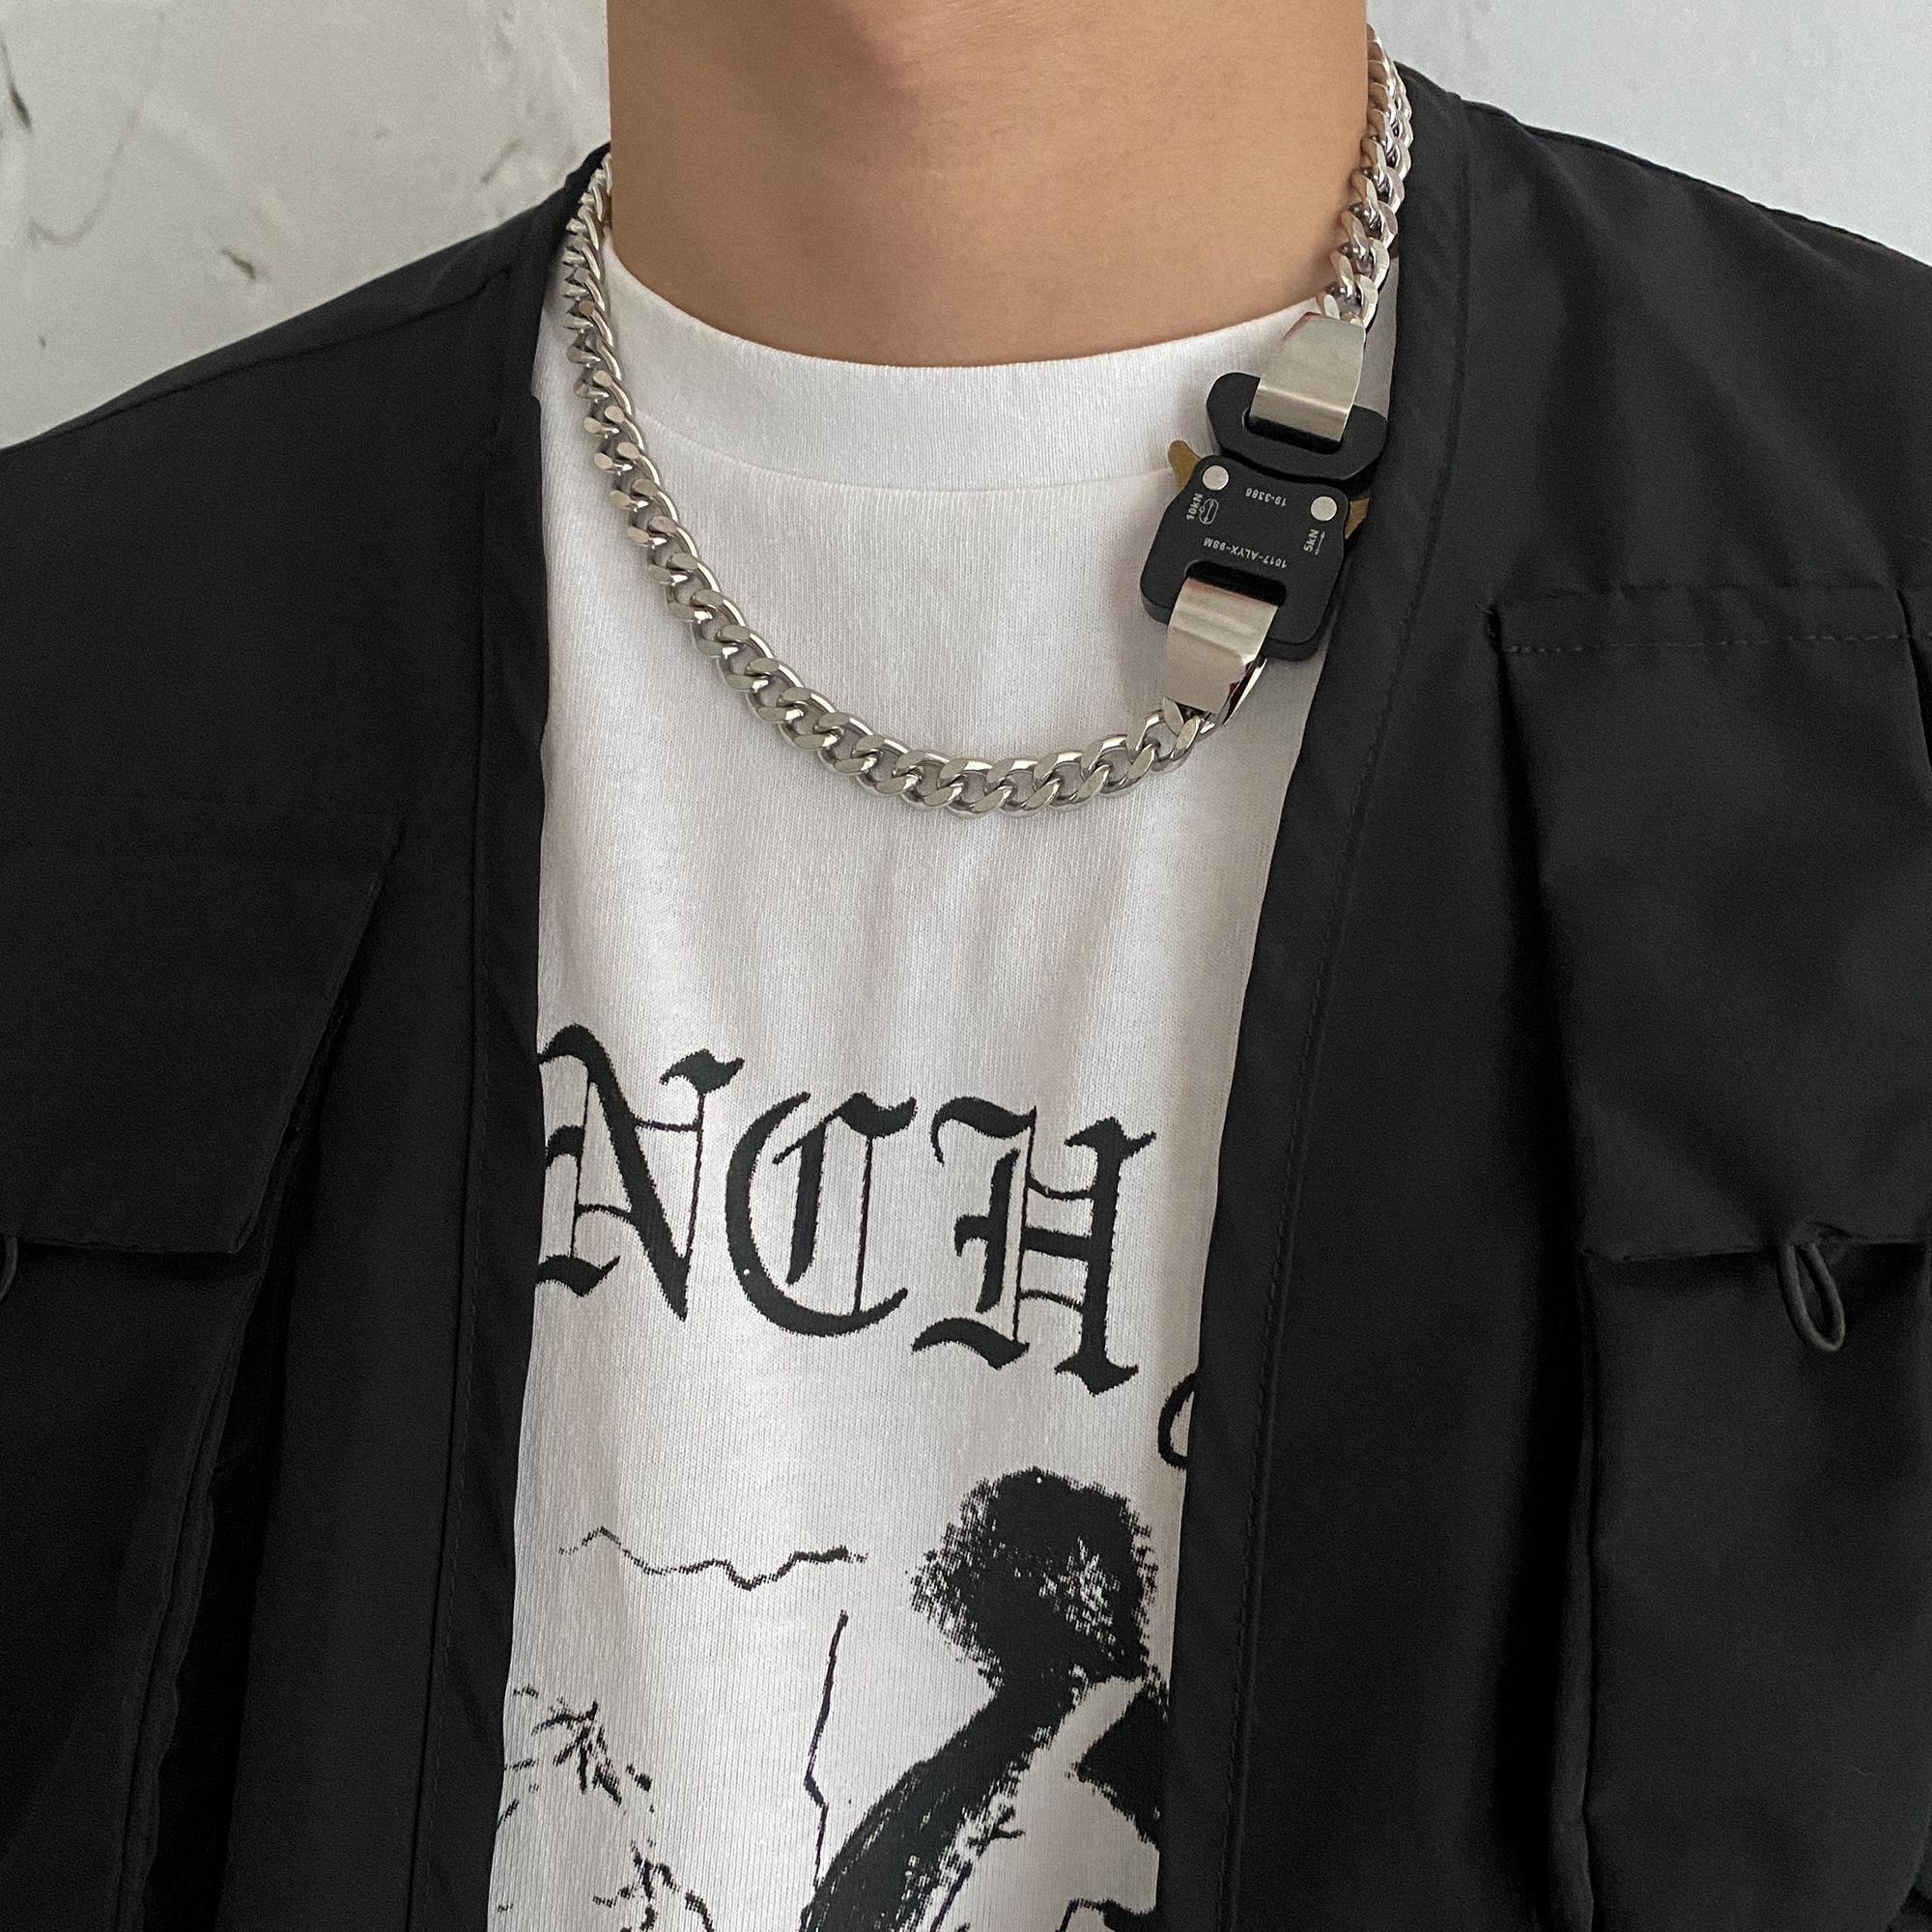 。卡门 2021SINS潮牌高街机能风9SM金属扣吊坠嘻哈个性颈链男女饰